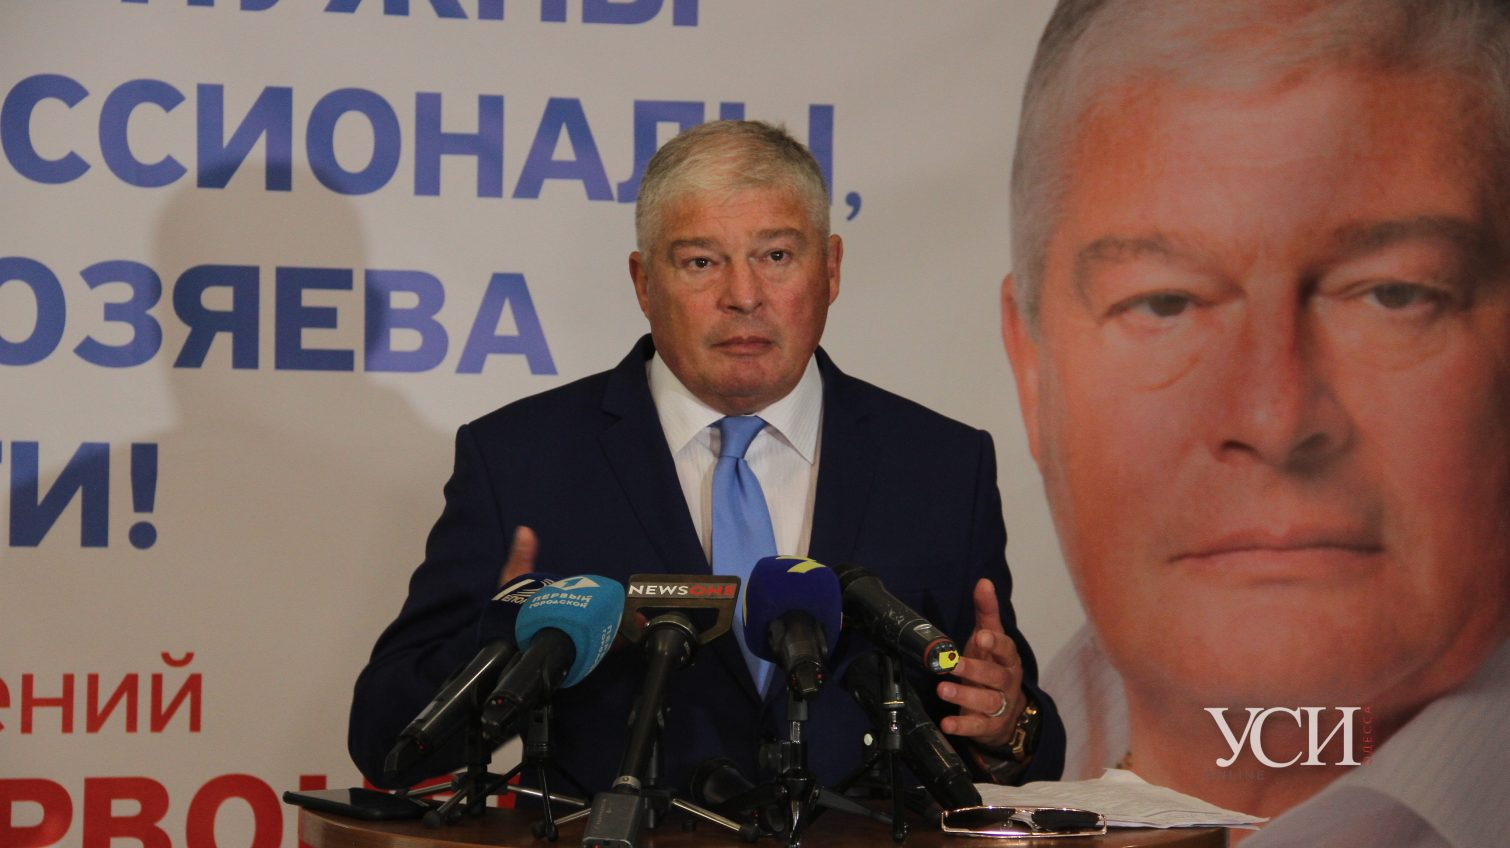 Я хочу, чтобы одесситов услышала страна, — кандидат в мэры Одессы Червоненко (фото) «фото»